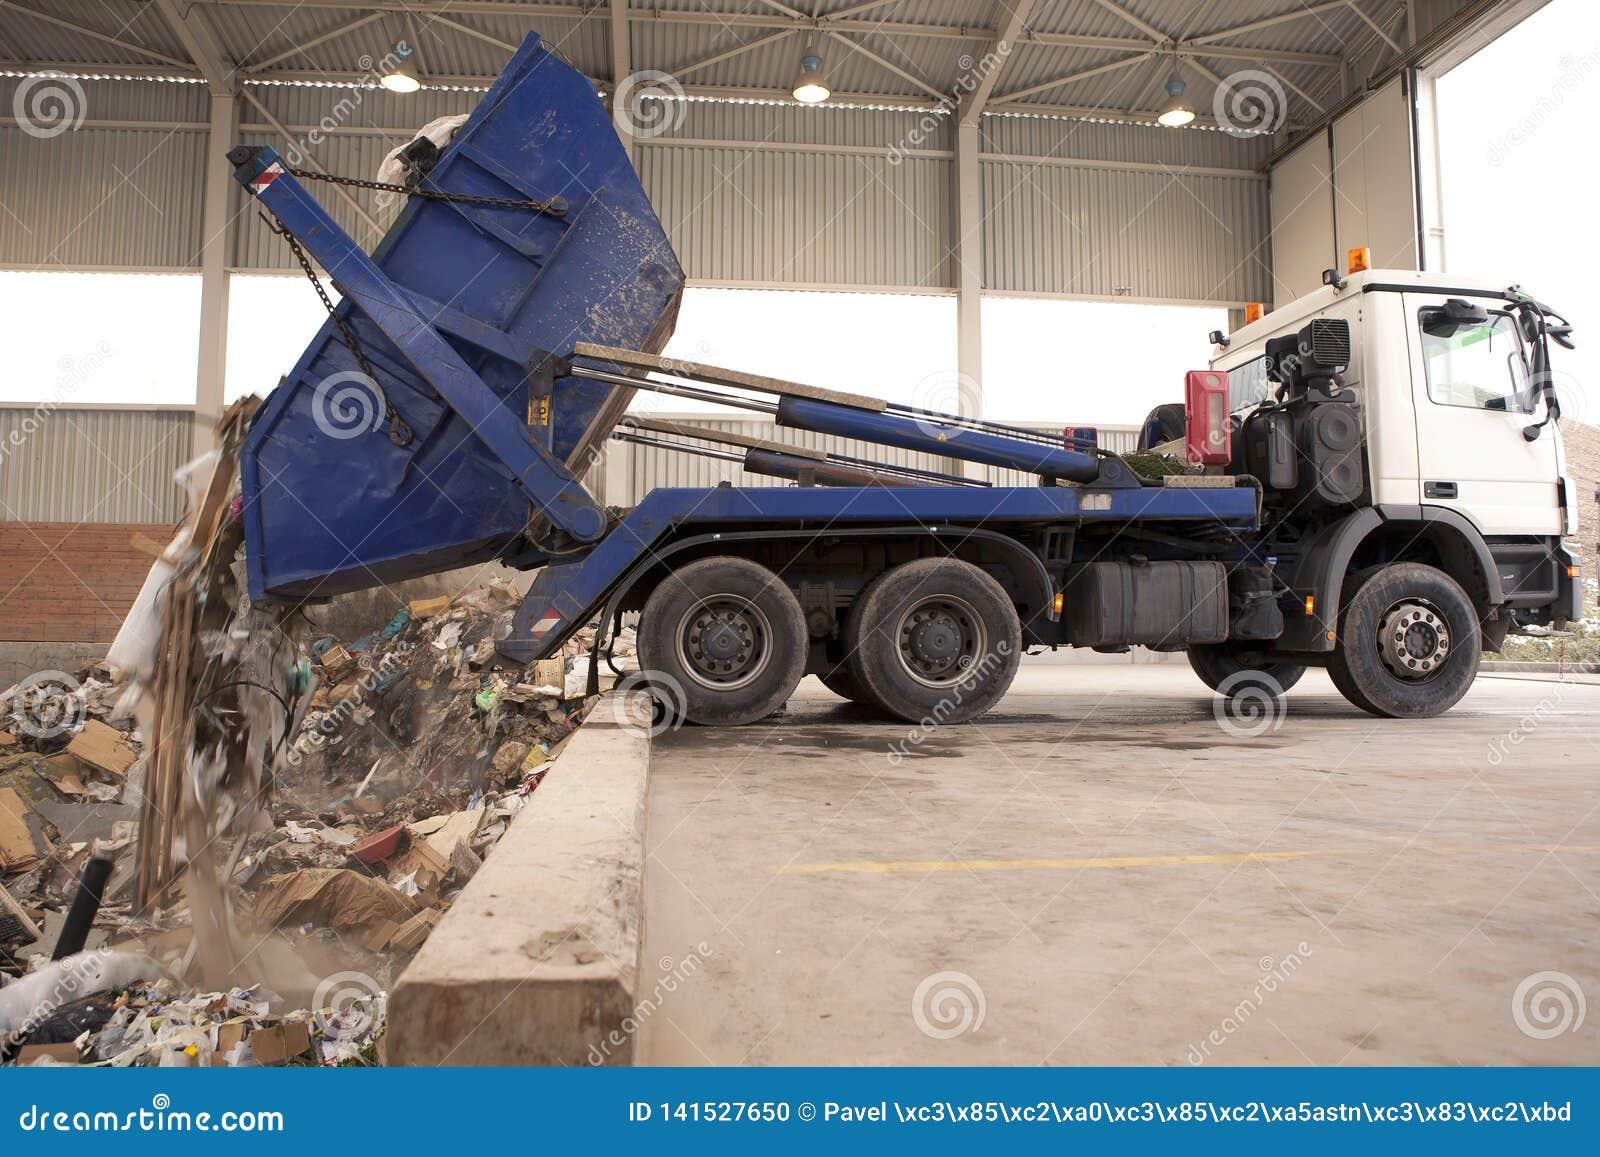 De vrachtwagen dumpt afval aan de verbrandingsoven, gat waar de grote greep het vuilnis neemt en zette het in brand Al afval word